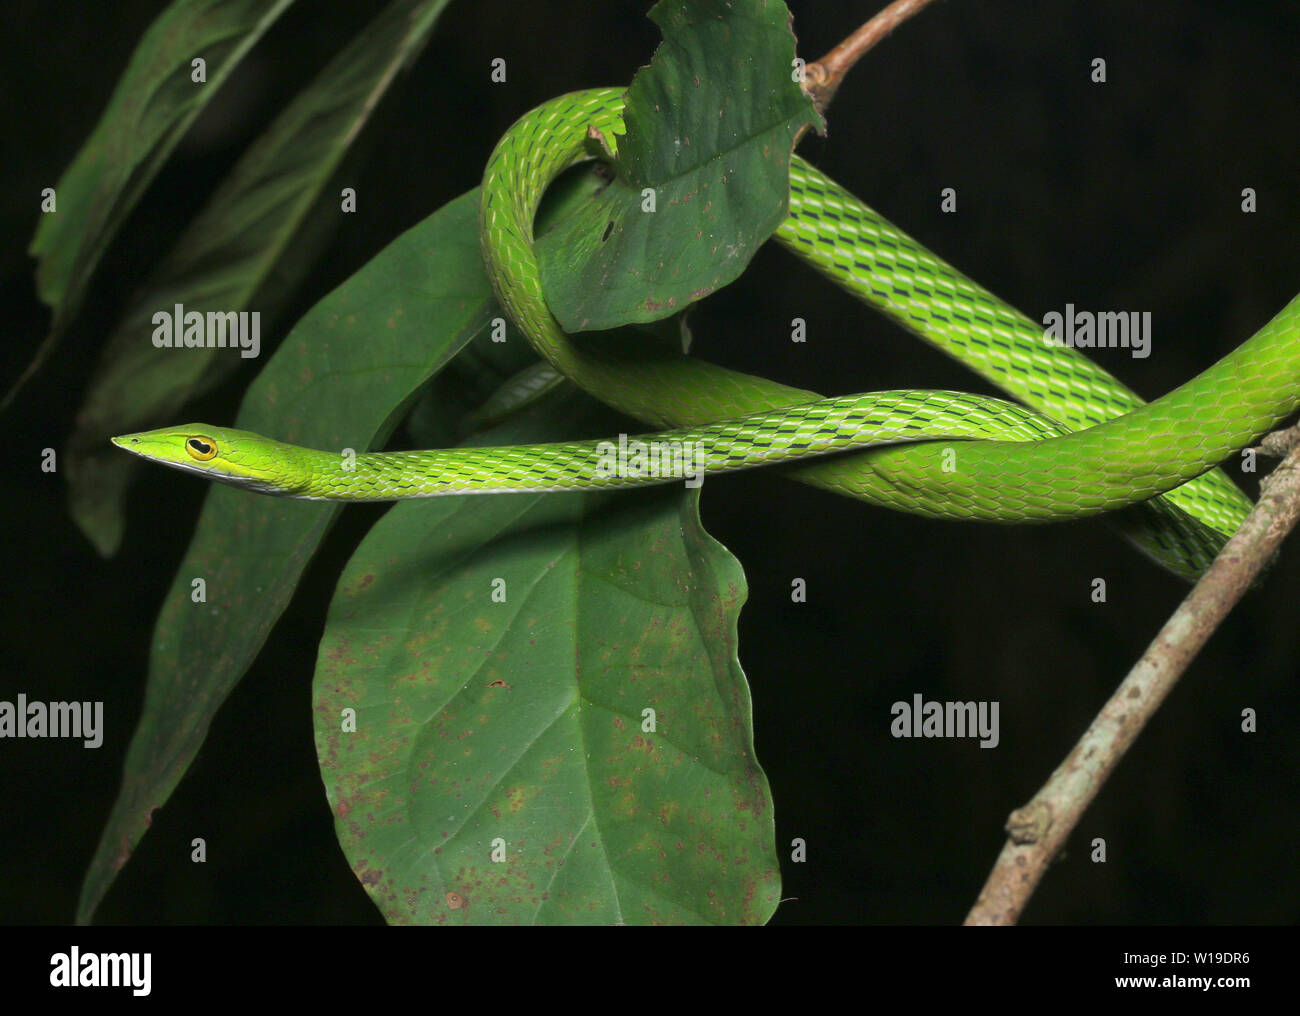 Common vine snake, long-nosed whip snake, Stock Photo